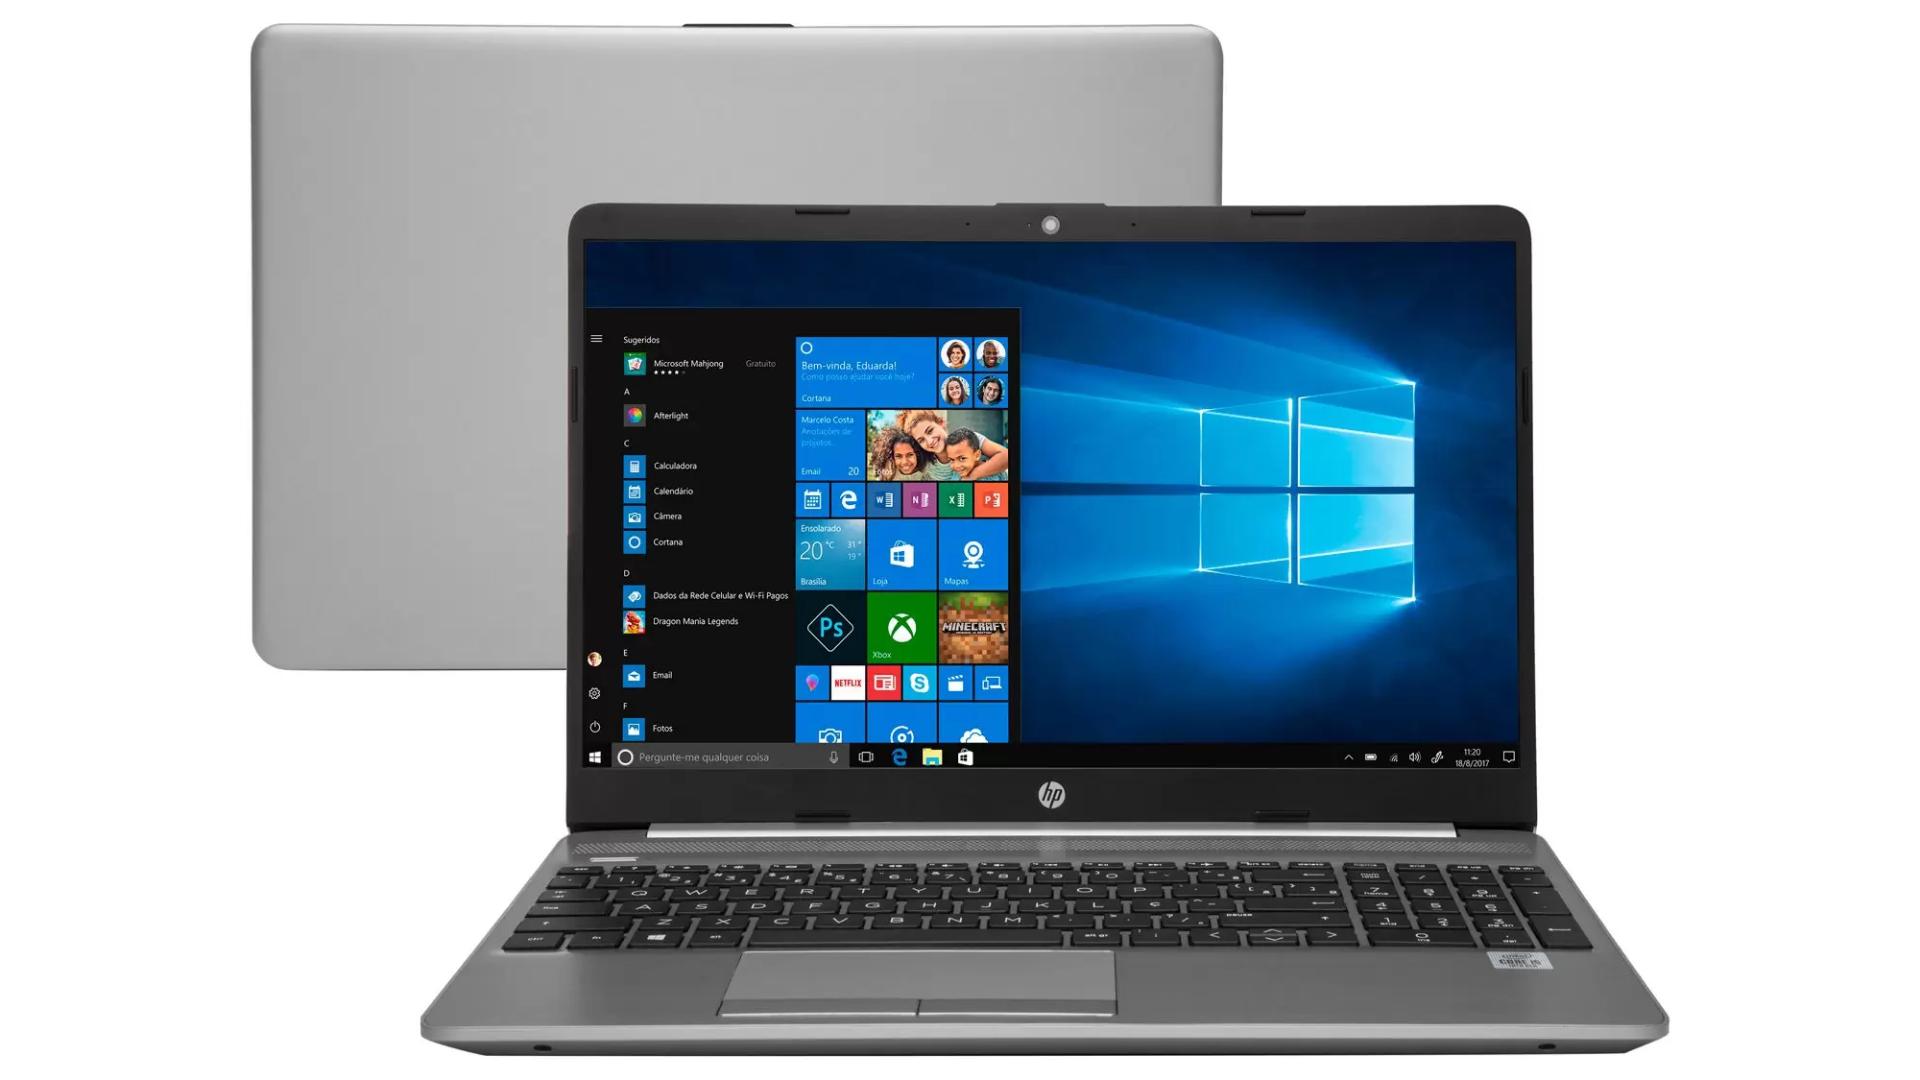 Notebook HP 250 G8 tem bom custo-benefício principalmente para trabalho (Foto: Divulgação/HP)